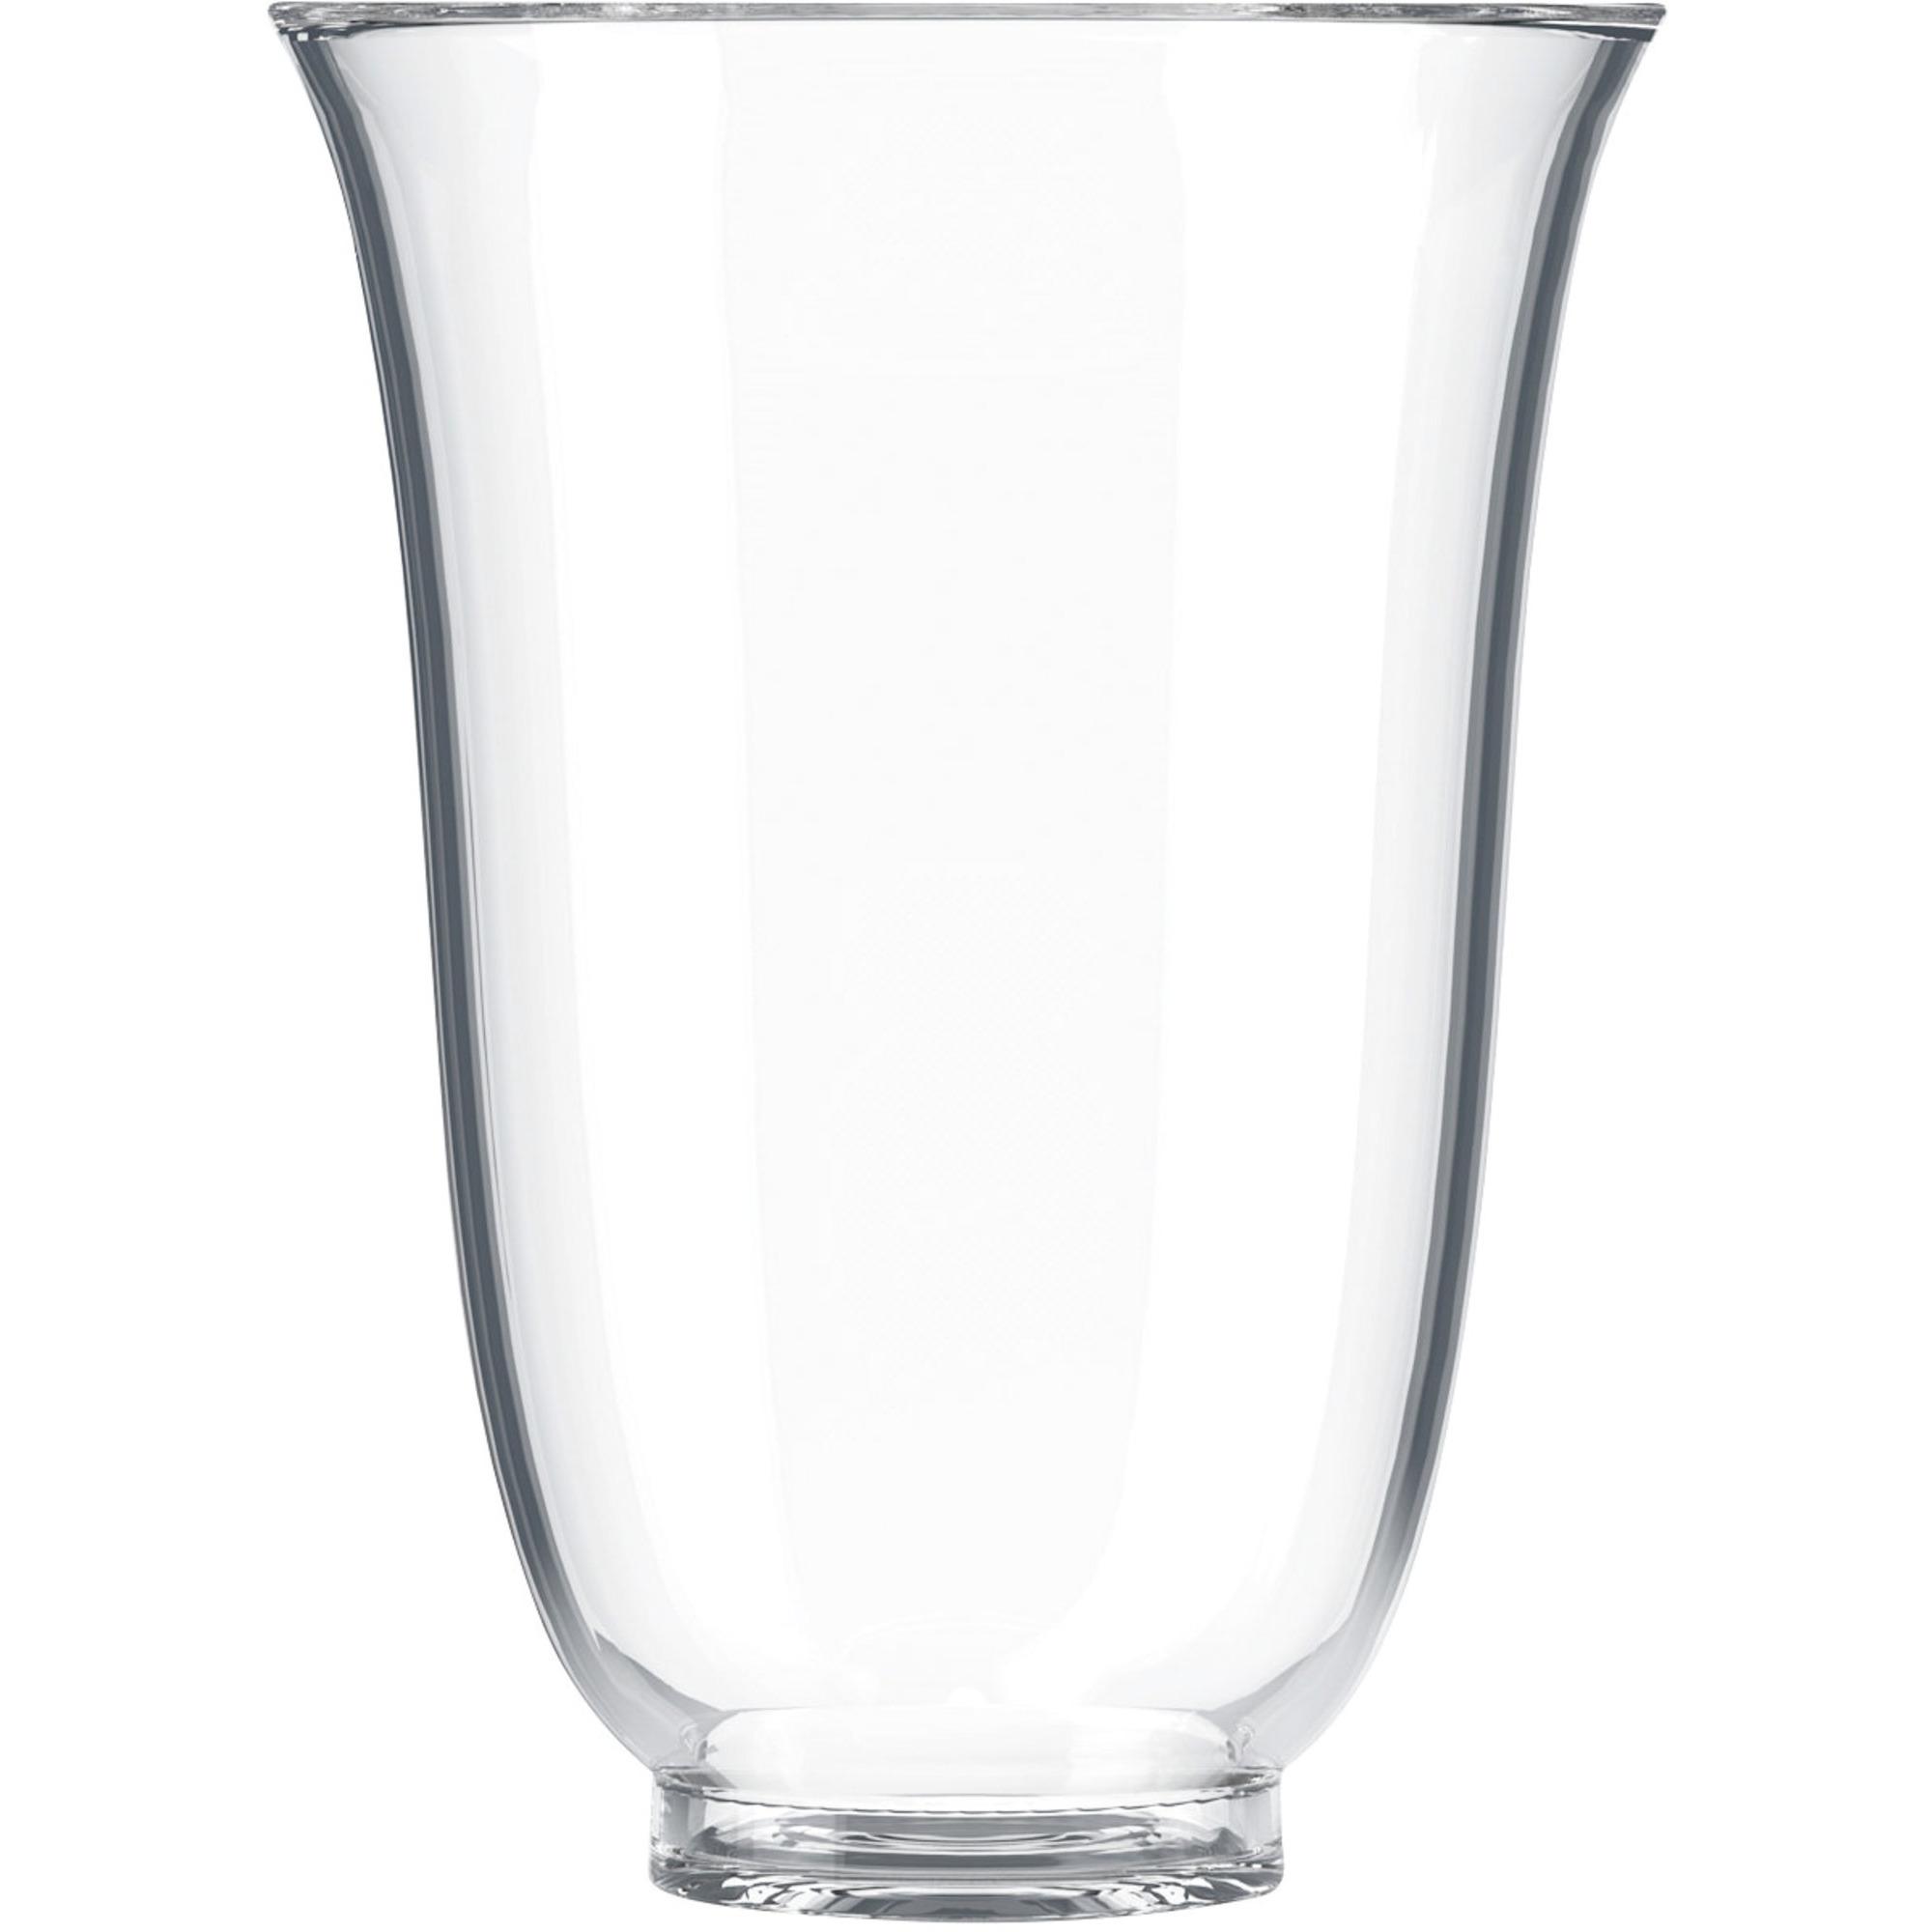 Lyngby Porcelæn Form 71/3 vas